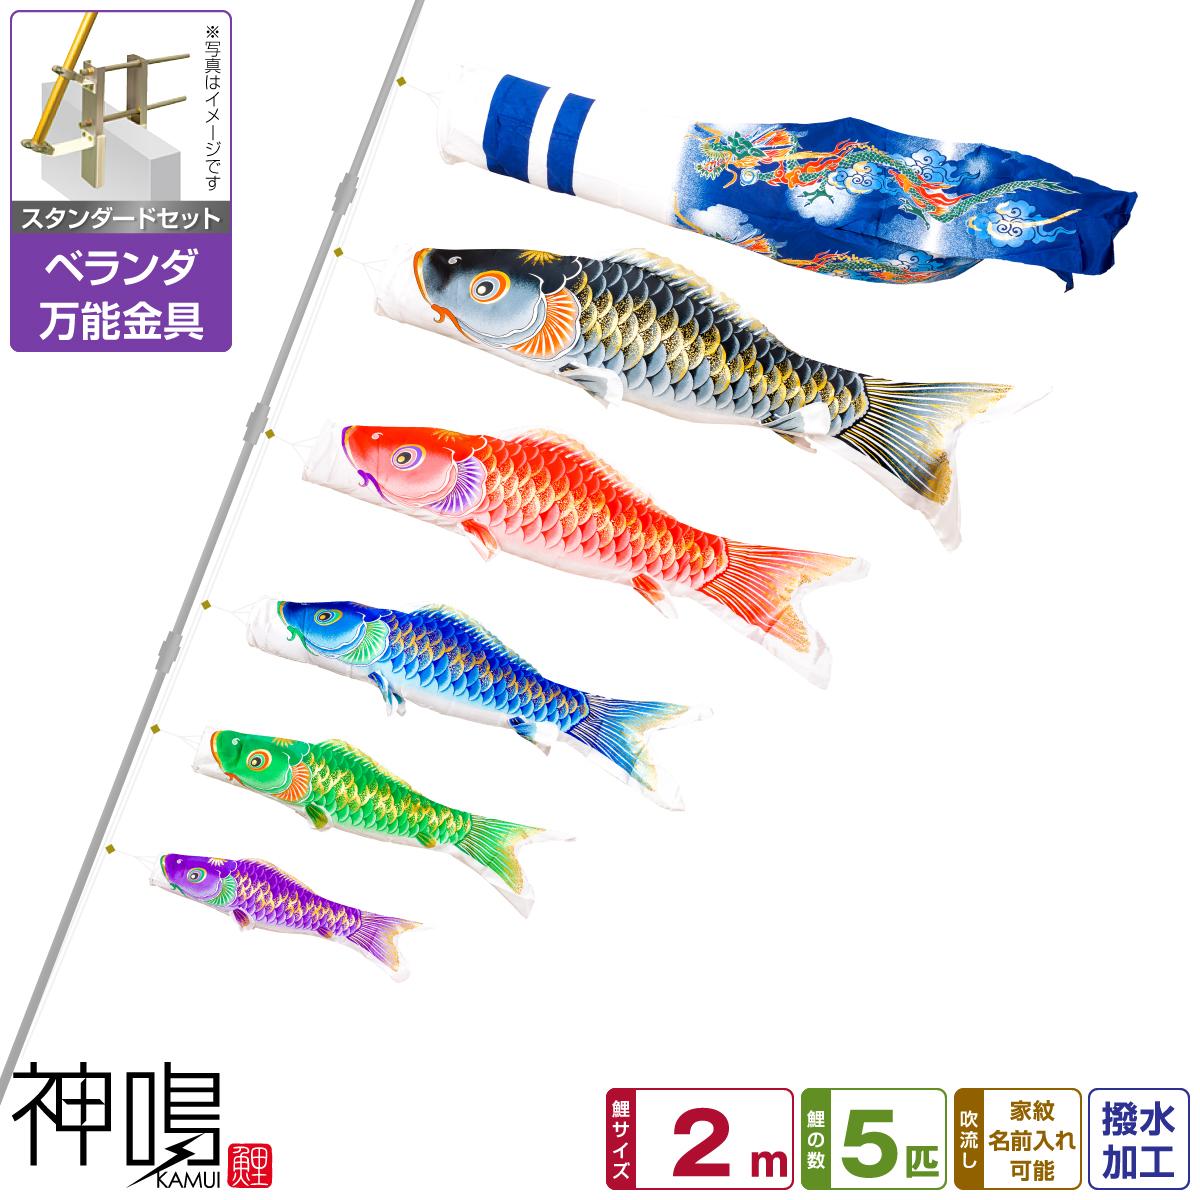 ベランダ用 鯉のぼり 神鳴鯉-KAMUI- 2m 8点(吹流し+鯉5匹+矢車+ロープ)/スタンダードセット(万能取付金具)